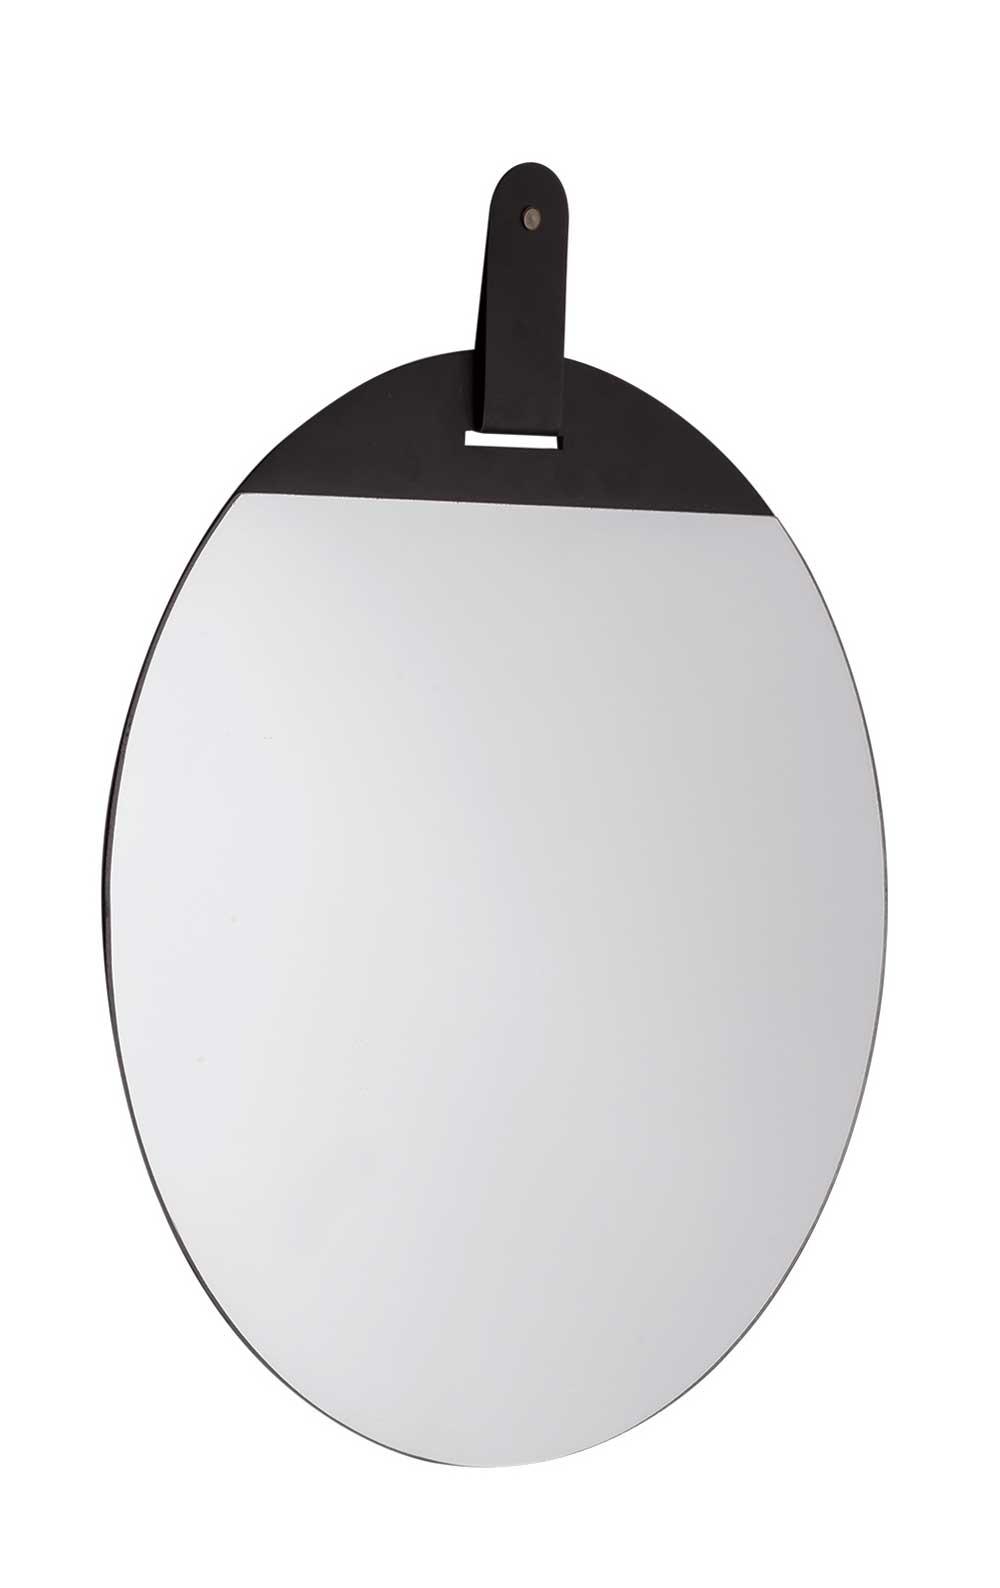 Espelho Redondo Decorativo Metal Preto 40CM 10514 Mart Collection